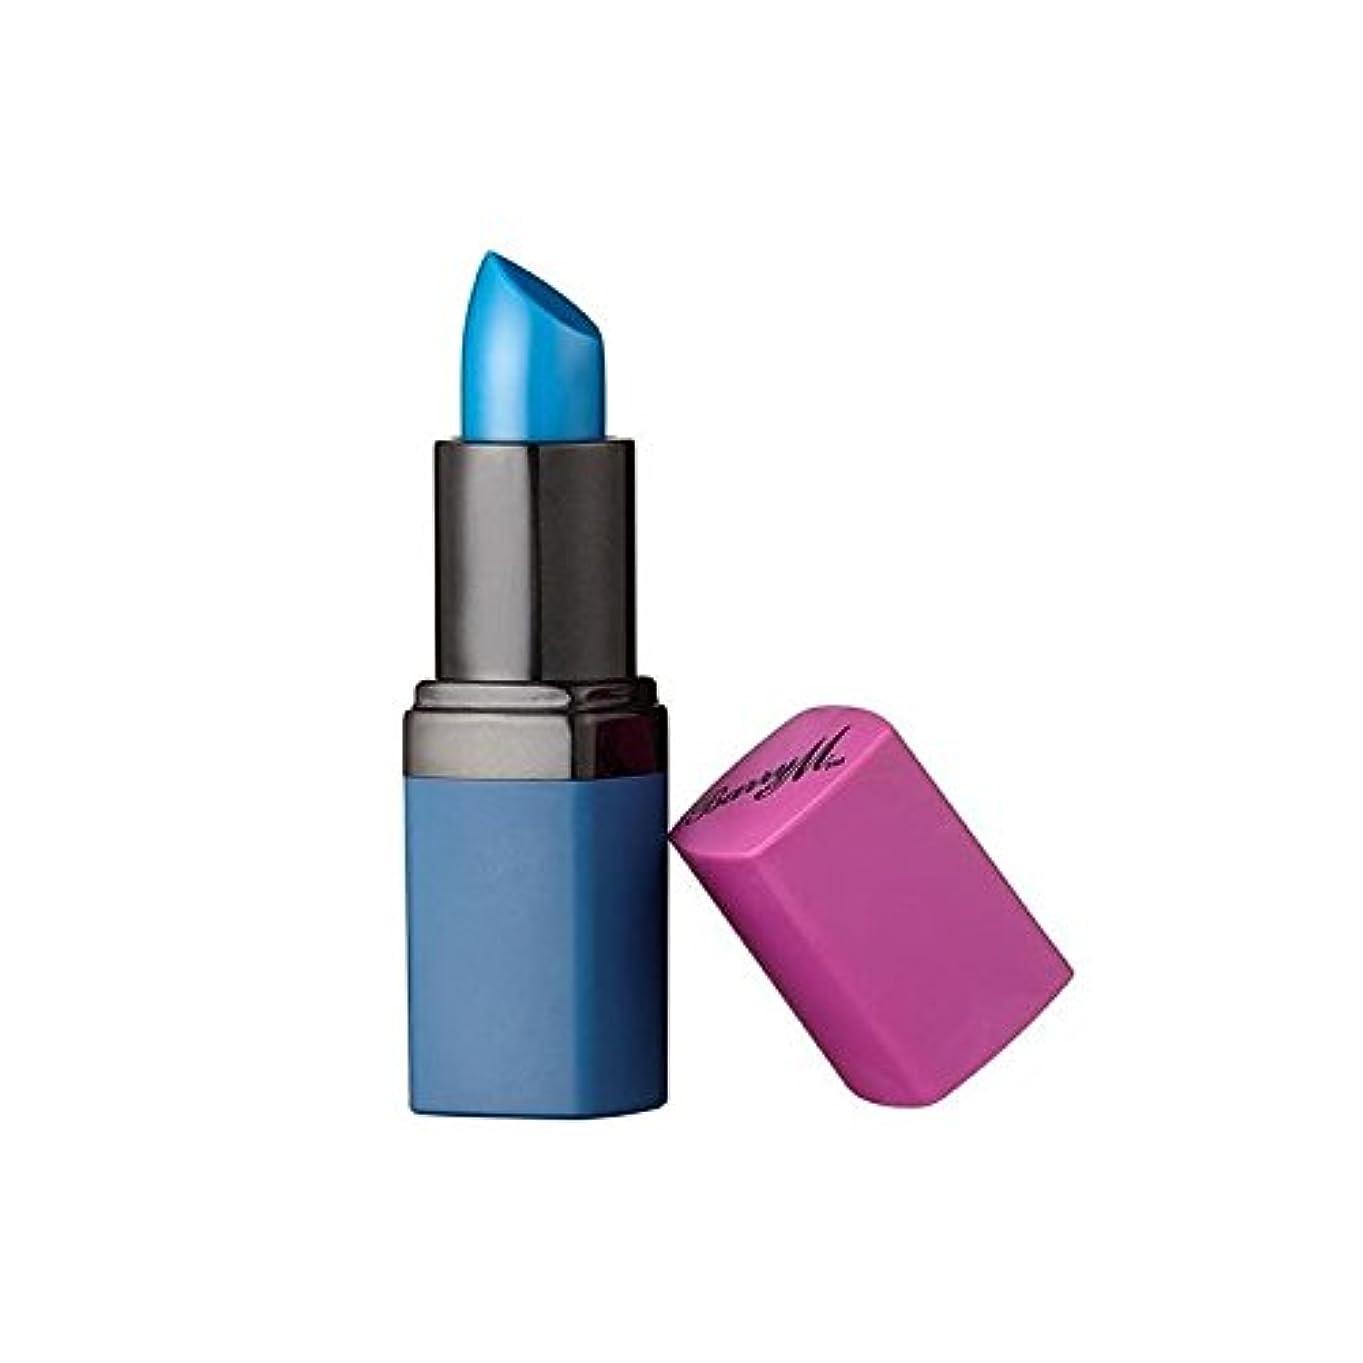 レプリカロデオ転用バリーメートルネプチューンリップペイント x4 - Barry M Neptune Lip Paint (Pack of 4) [並行輸入品]